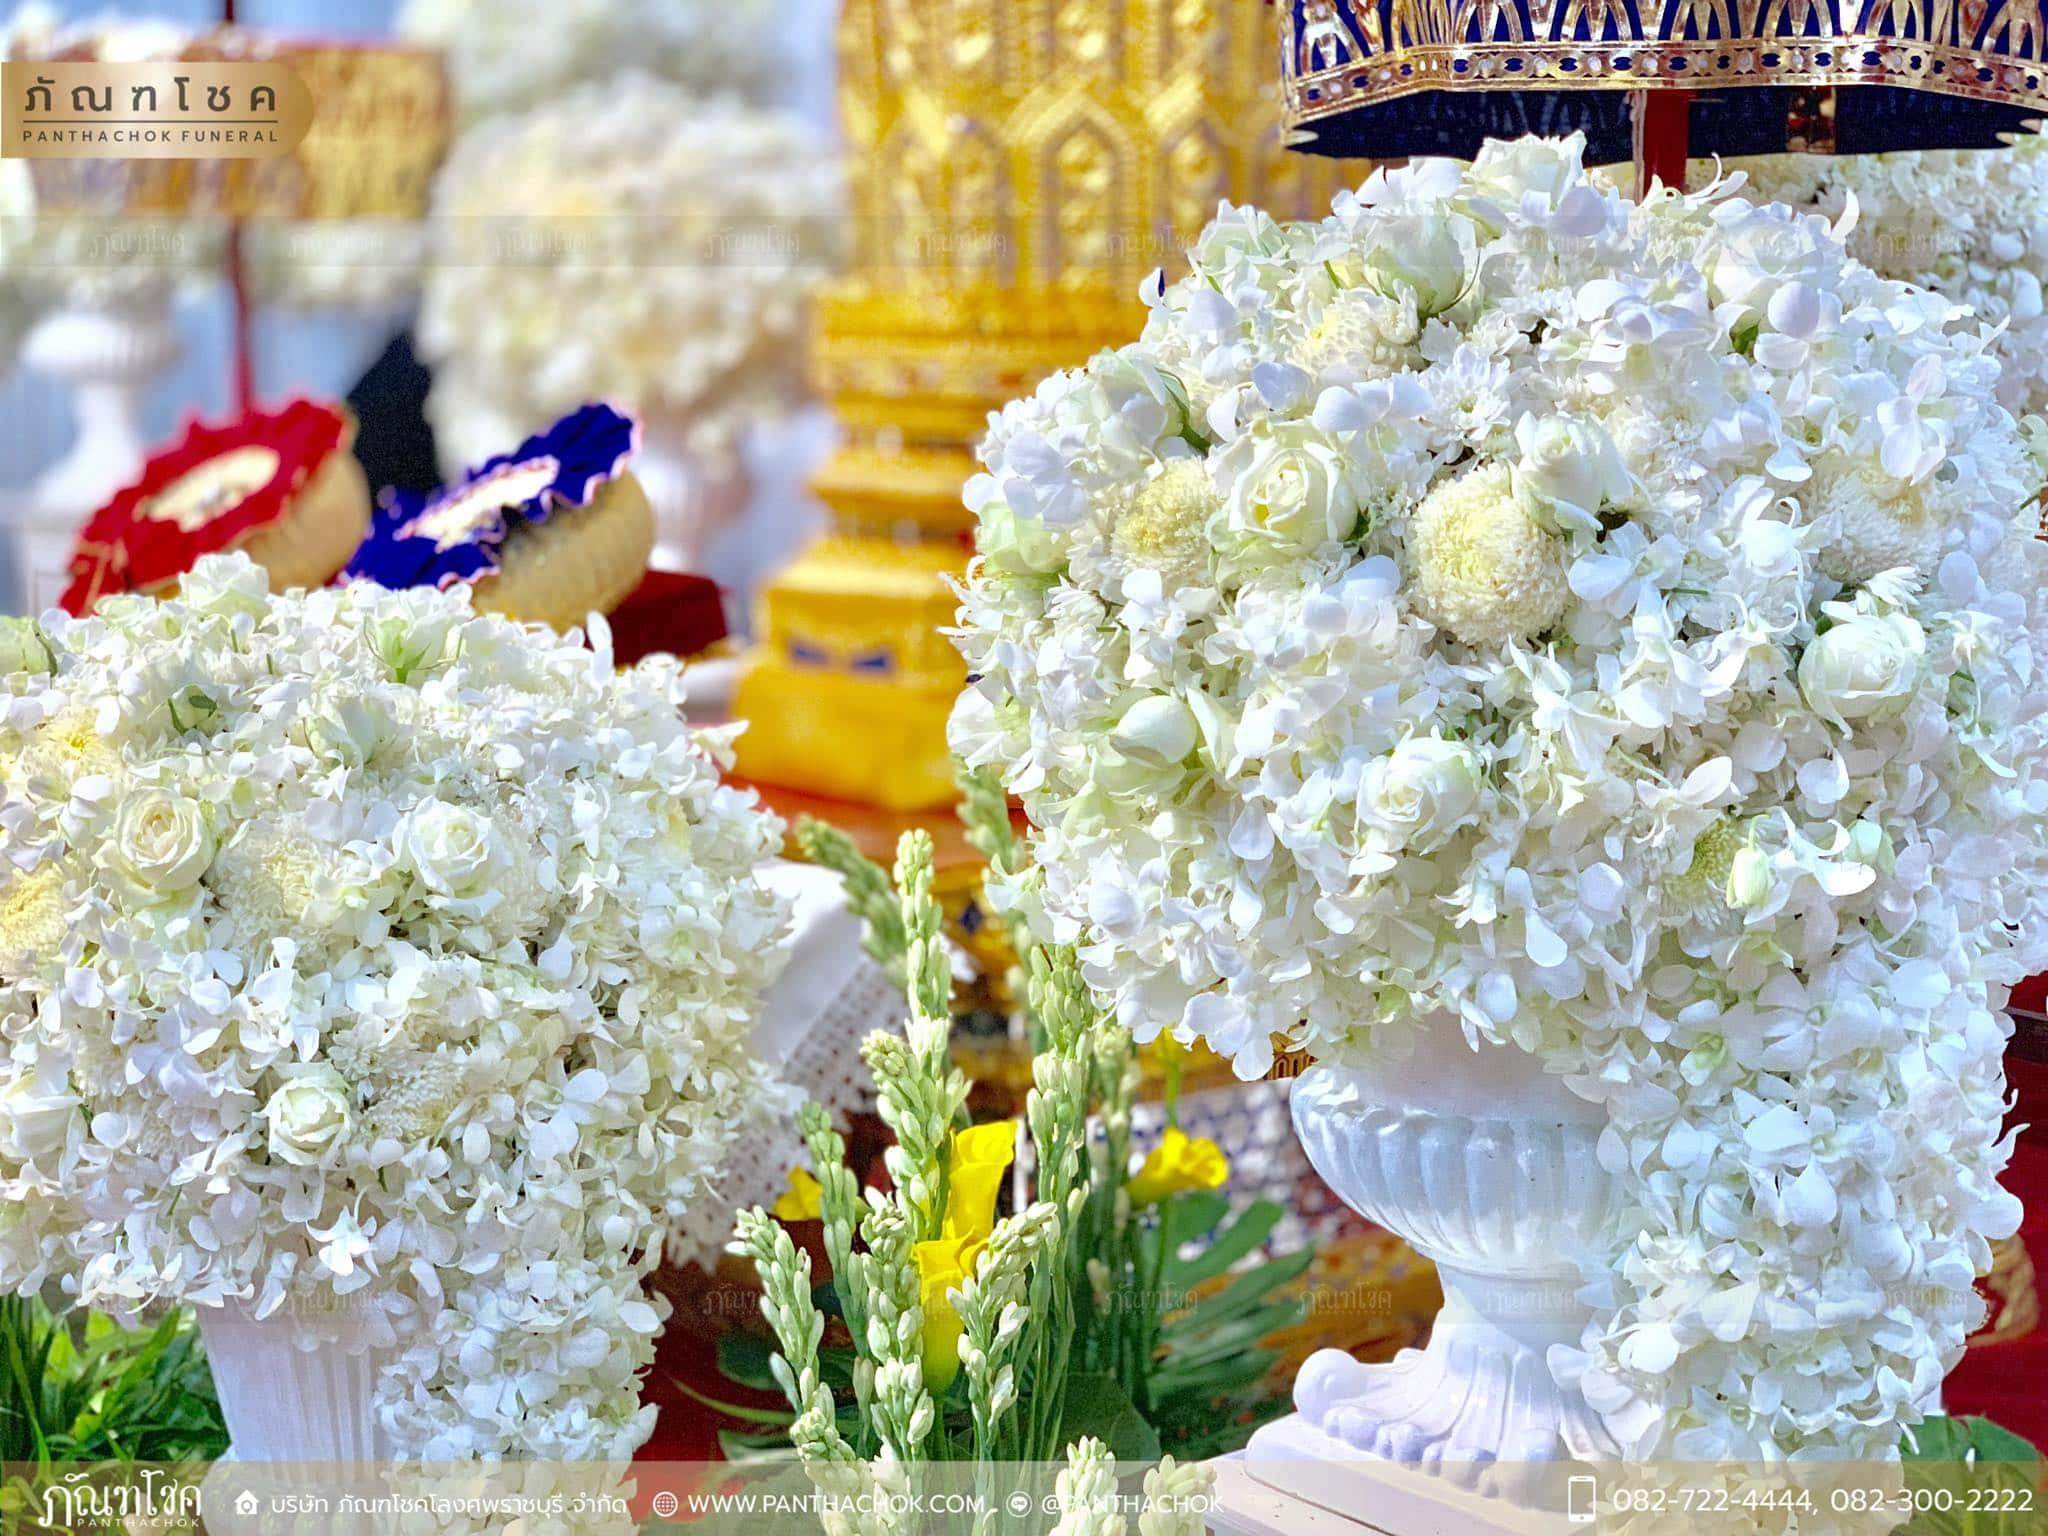 ดอกไม้ประดับหน้าโกศ อดีตผู้ว่าราชการจังหวัดราชบุรี 19